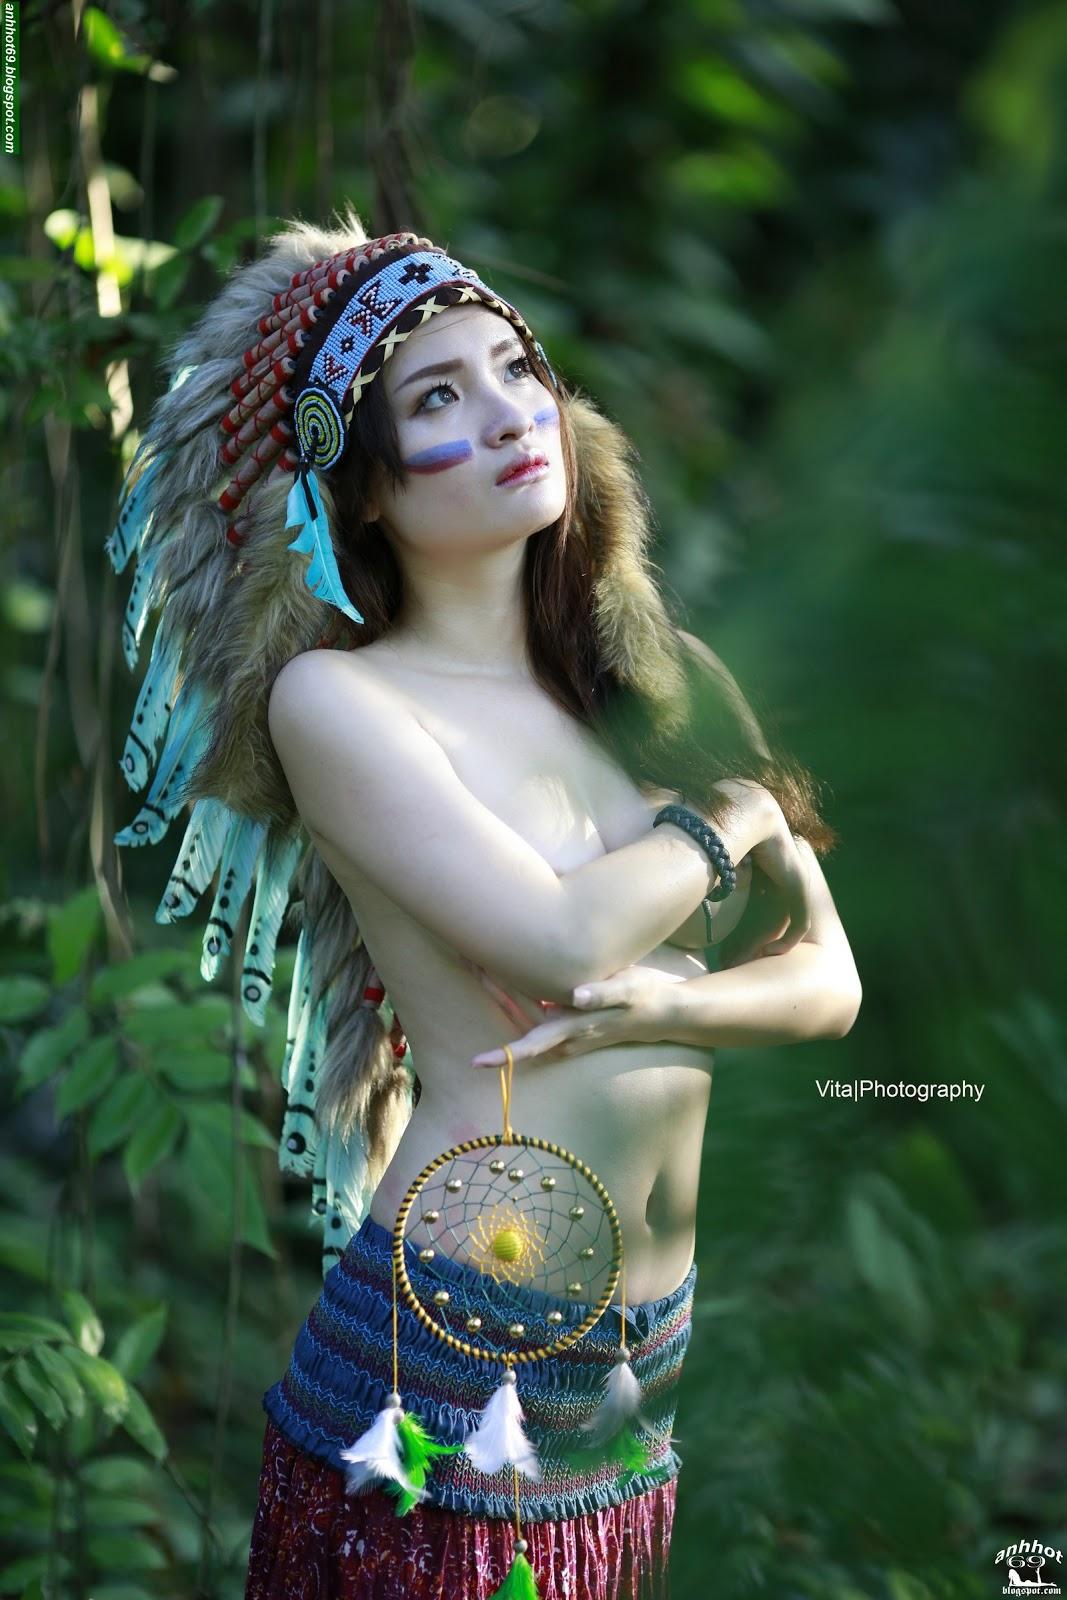 [Sugar Girl-1507260925] - Hứa Phạm - Linda - Không phải ai Nude cũng đẹp